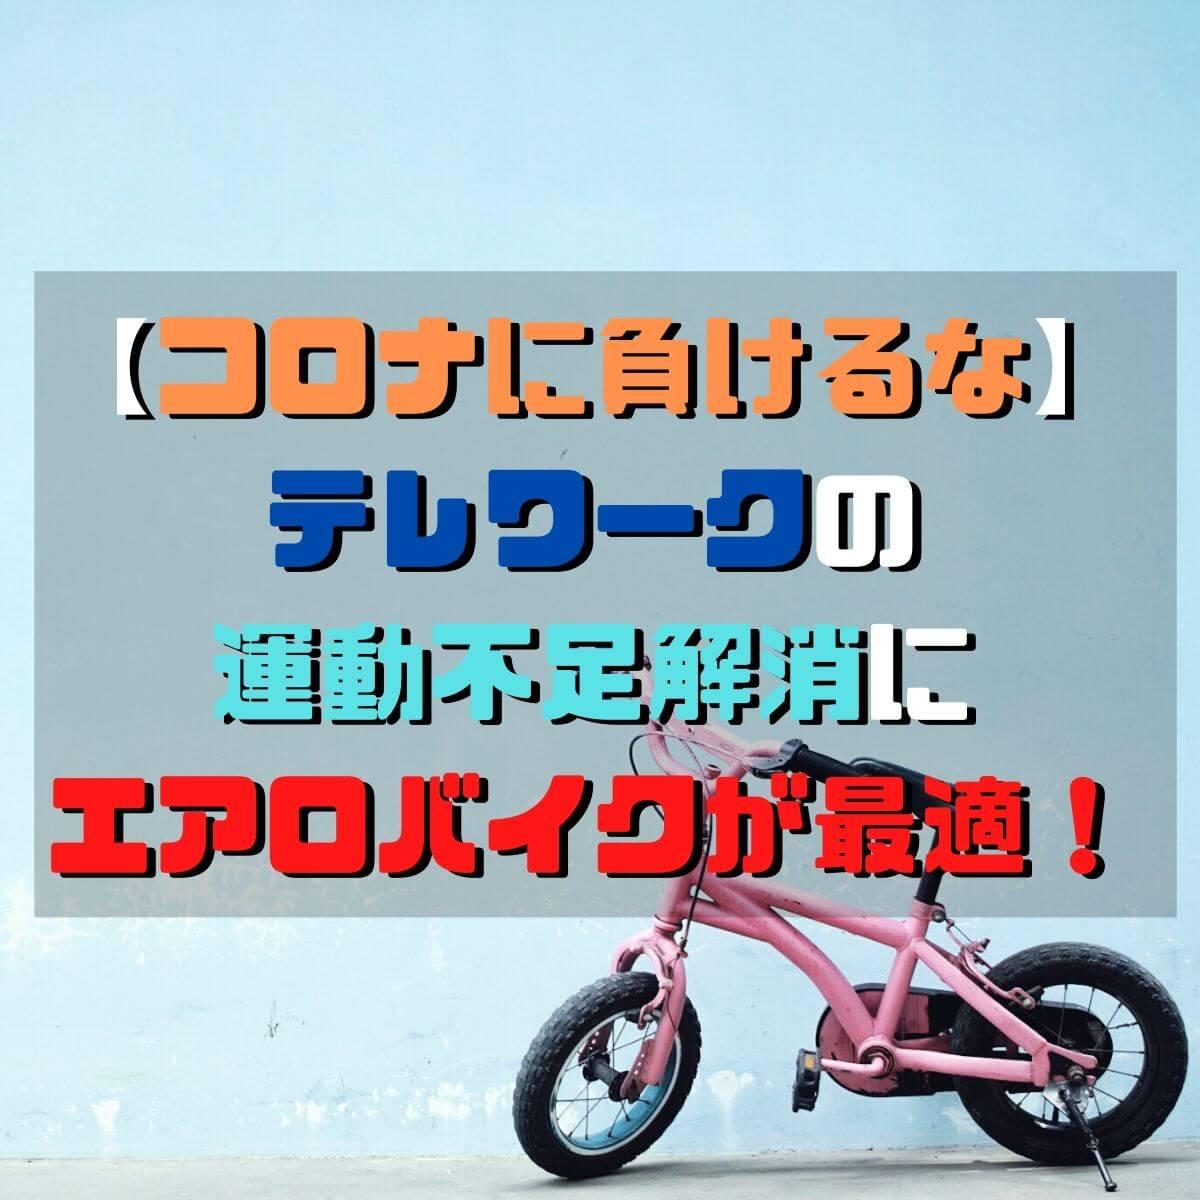 f:id:tosakax:20200402090412p:plain